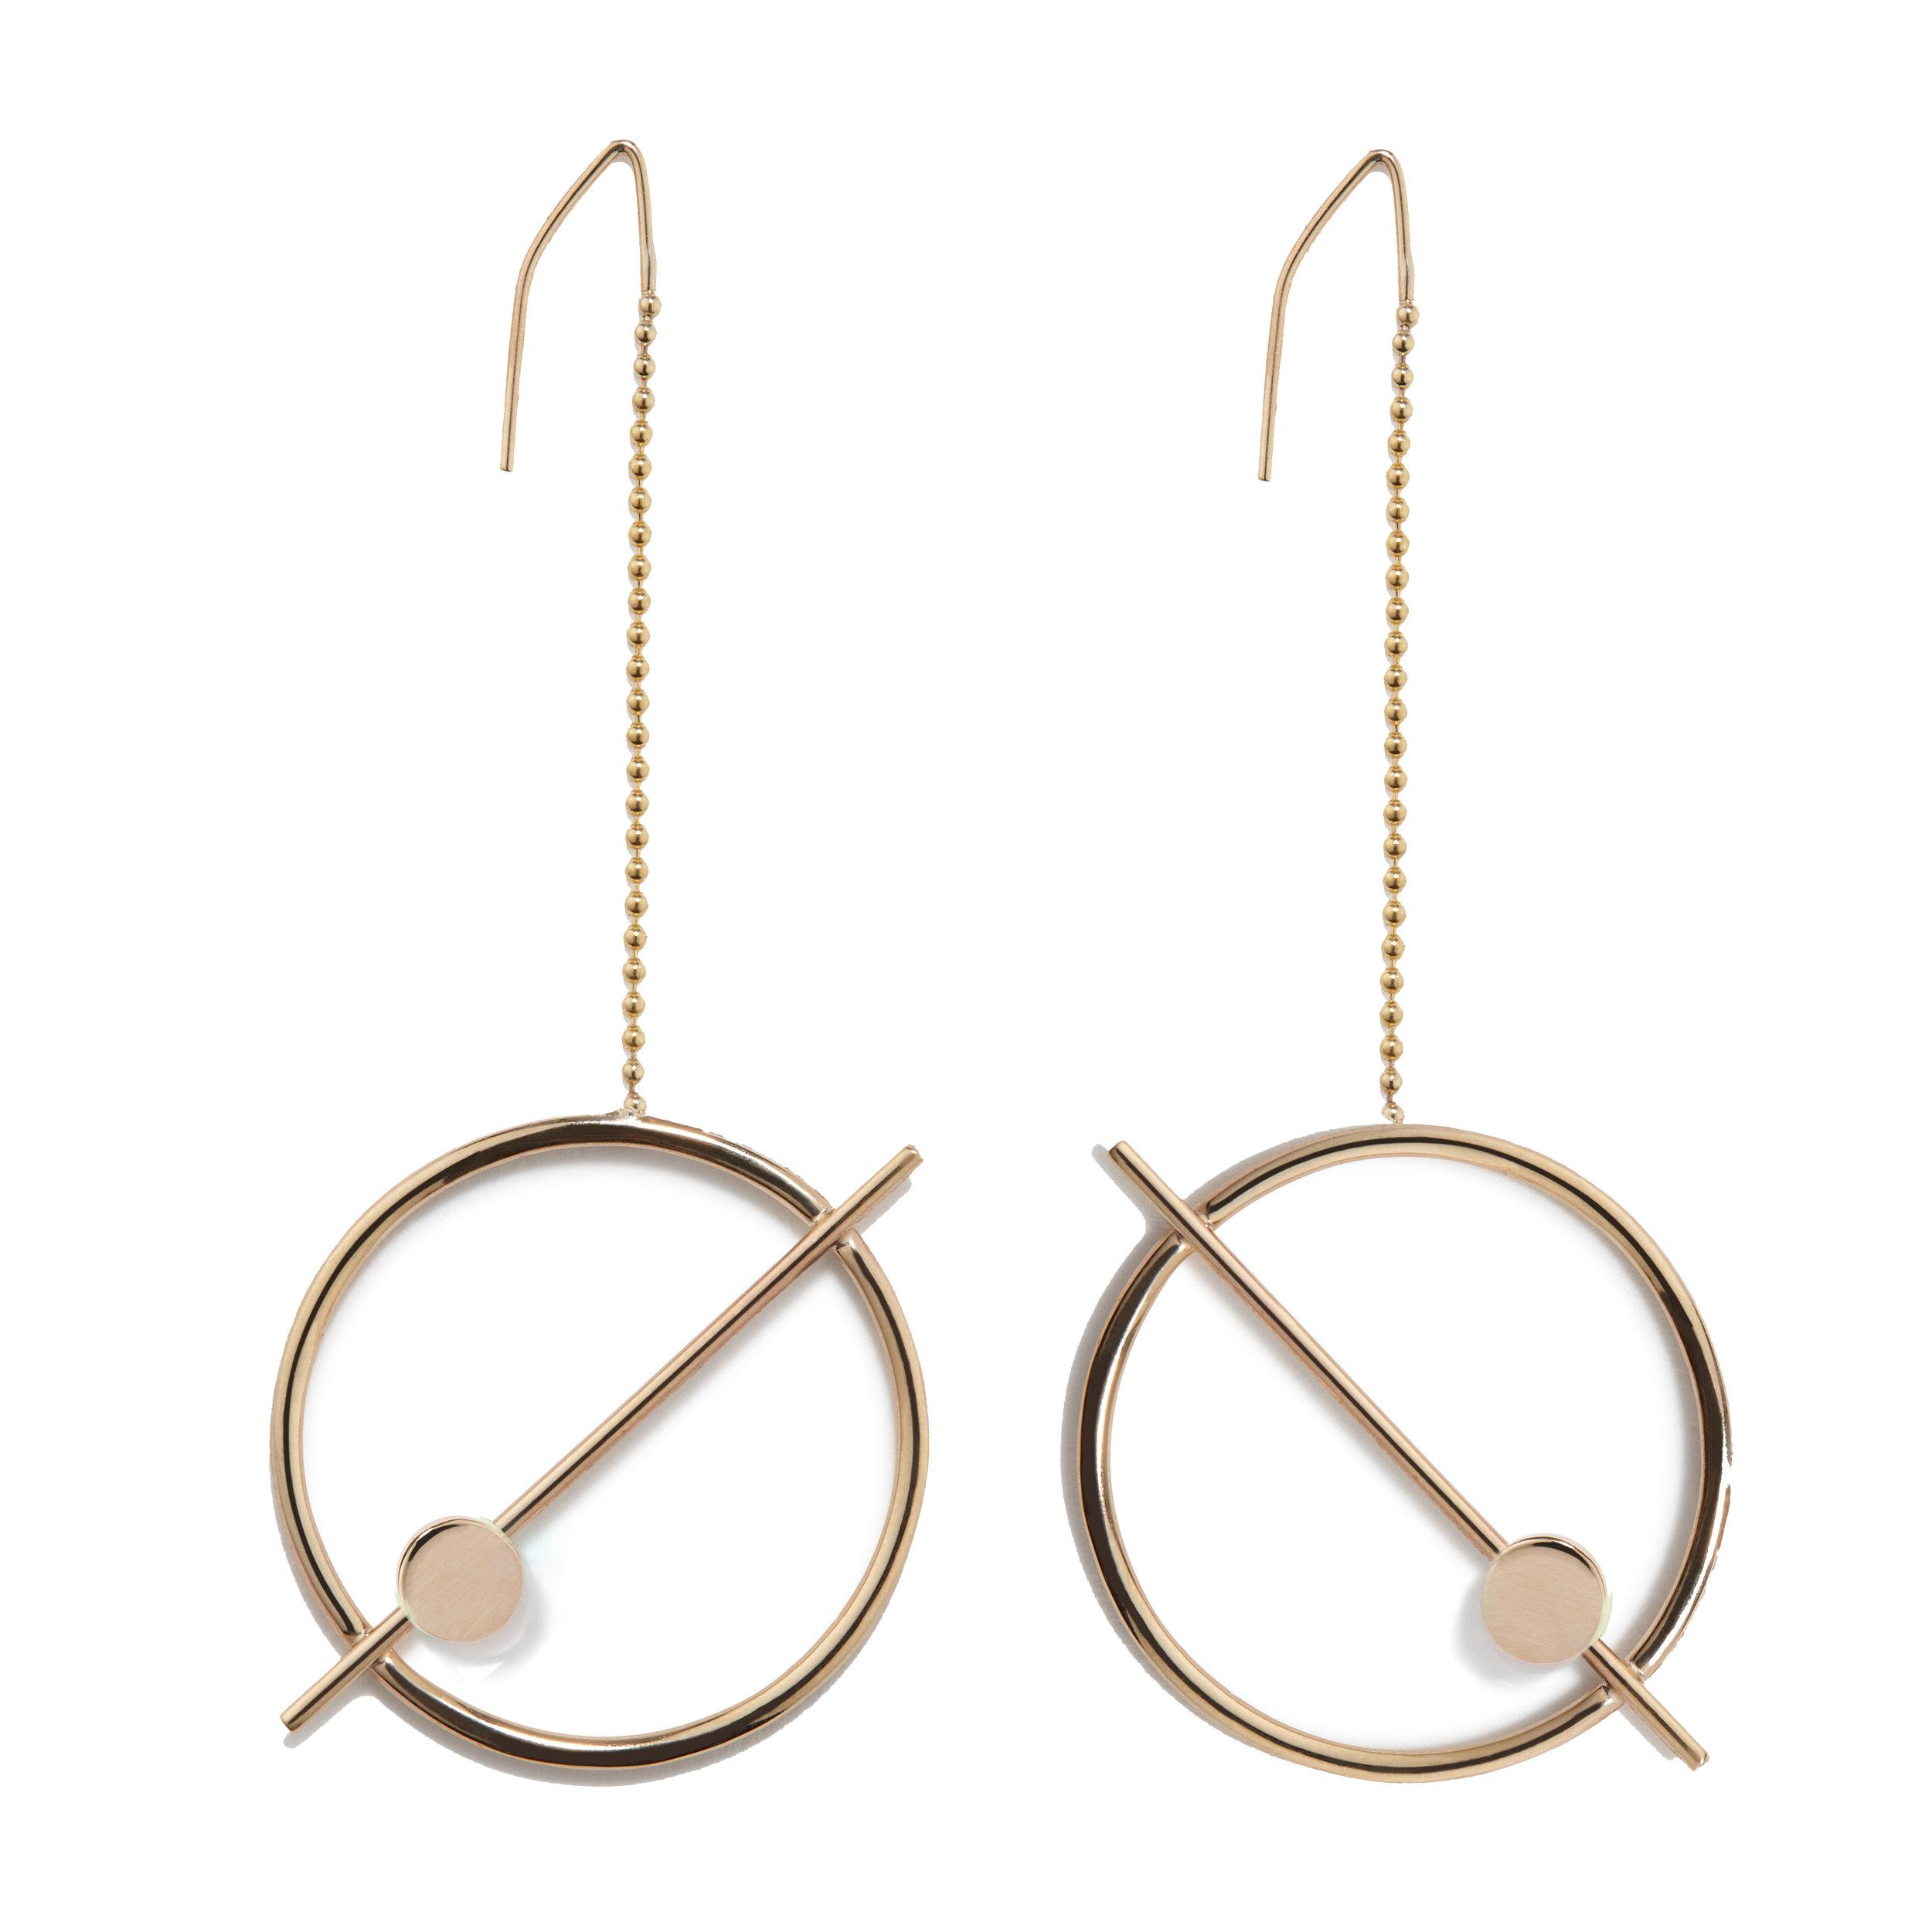 Boreas III Earrings